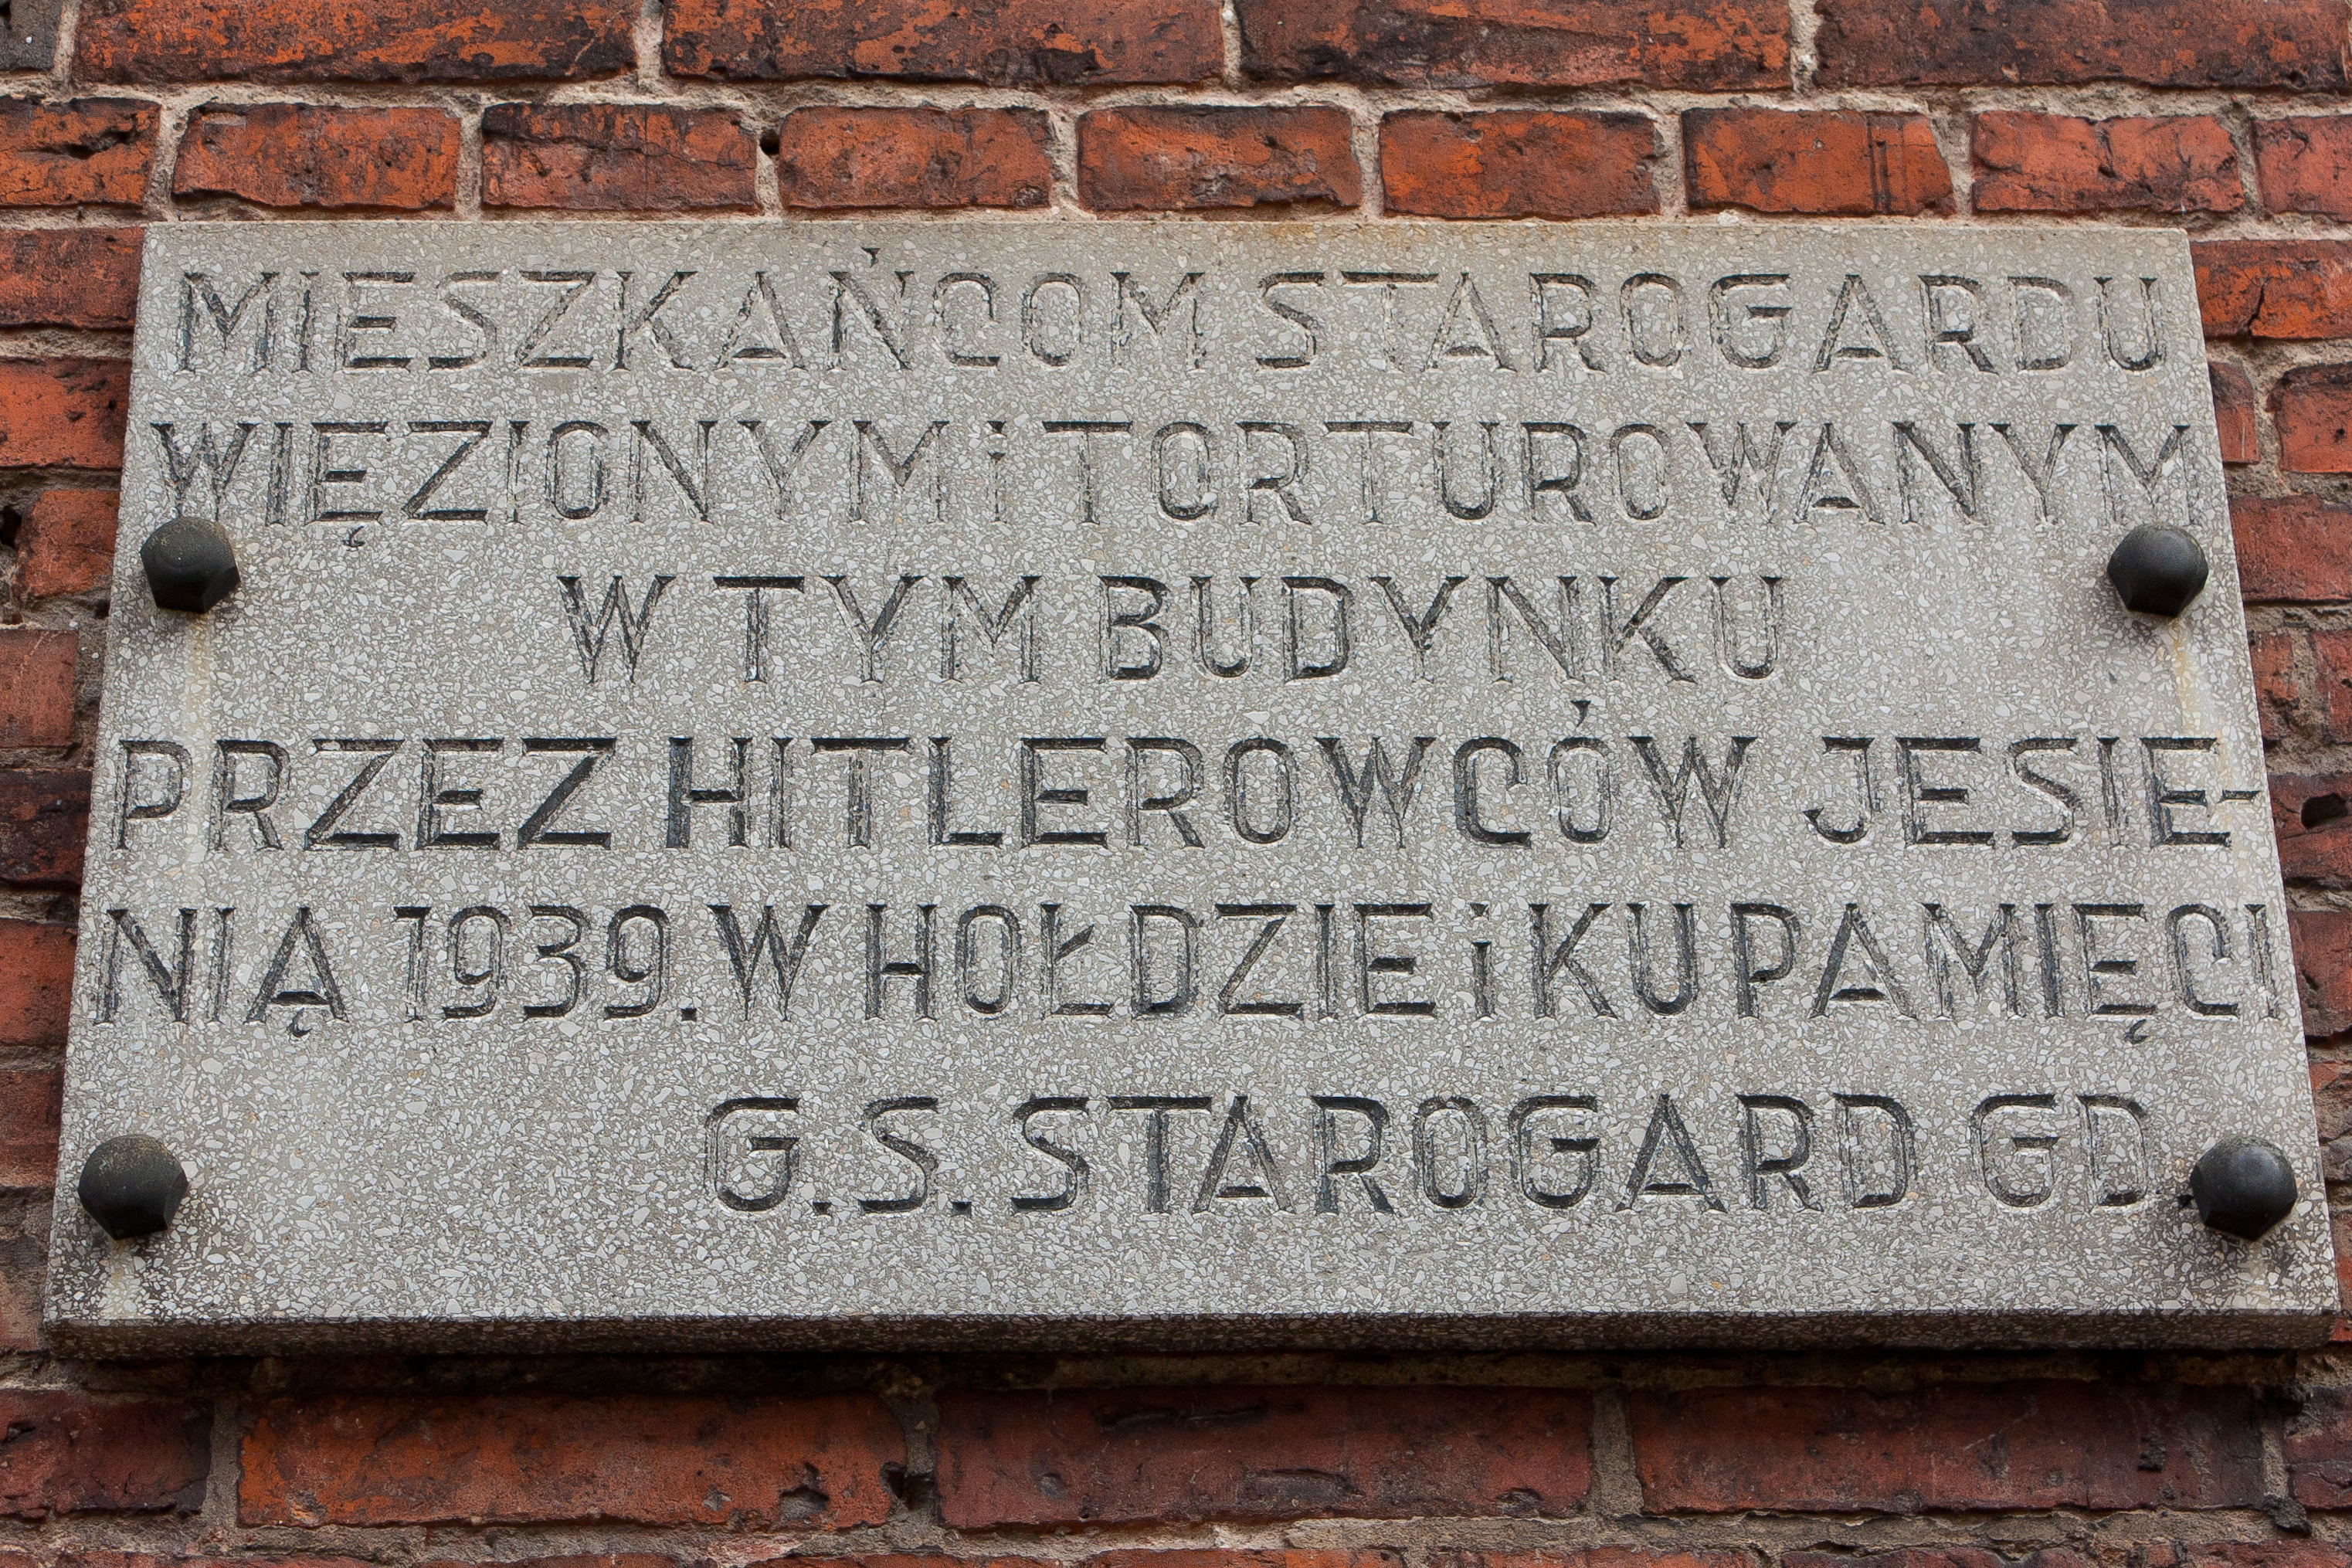 Bildergebnis für starogard gdanski synagoga